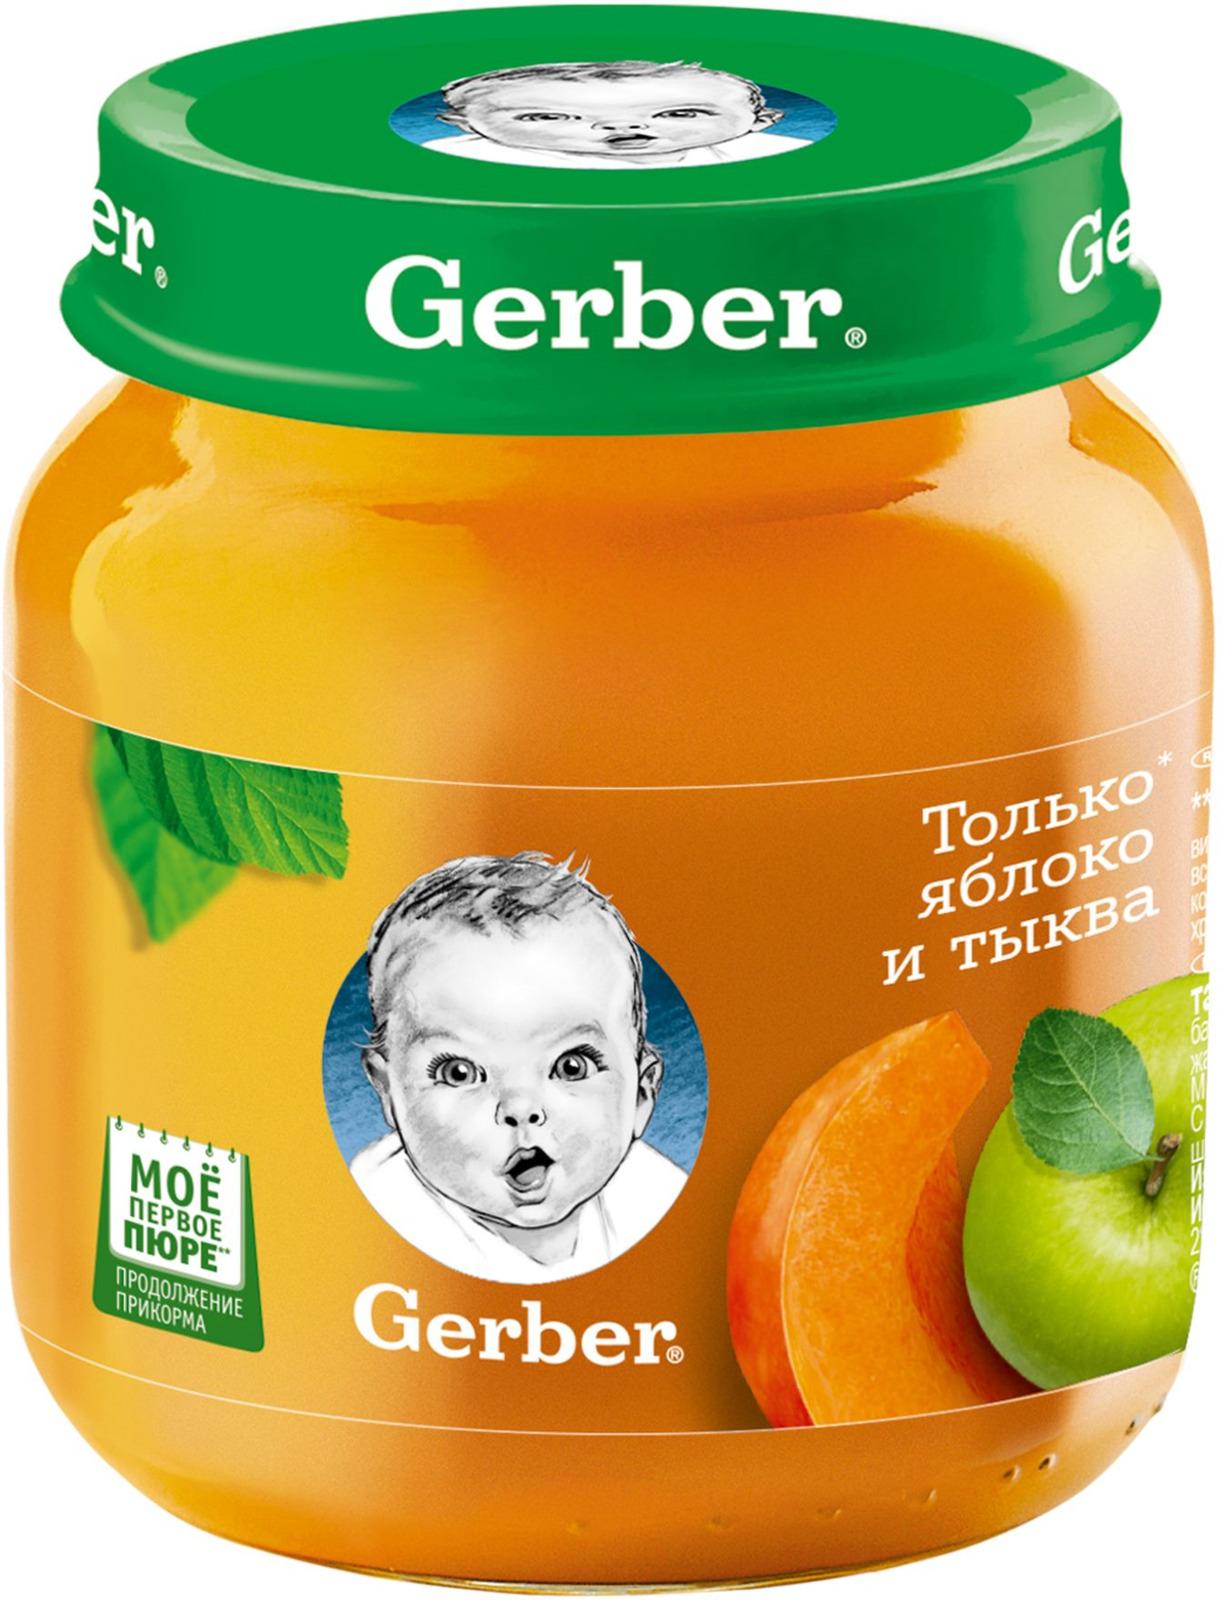 Gerber пюре фруктовое яблоко и тыква, 130 г gerber пюре тыква 130 г